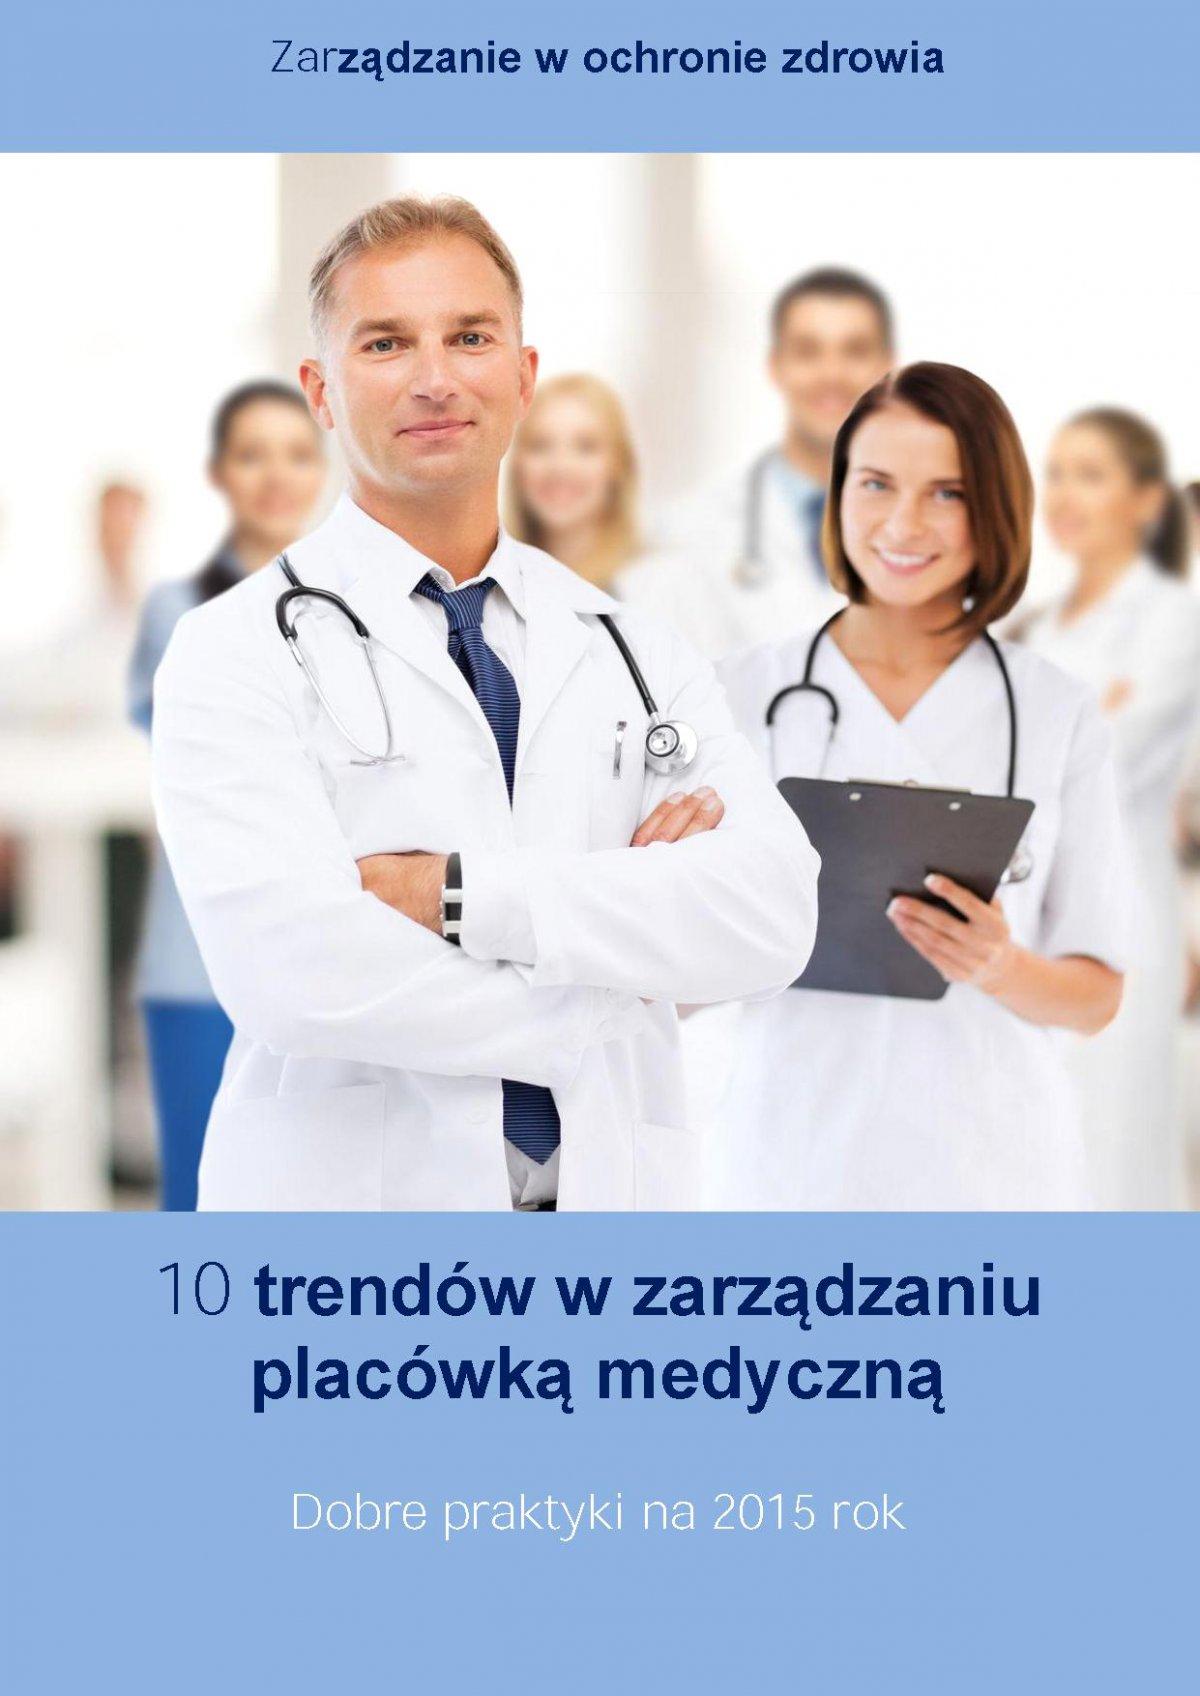 10 trendów w zarządzaniu placówką medyczną. Dobre praktyki na 2015 rok - Ebook (Książka PDF) do pobrania w formacie PDF